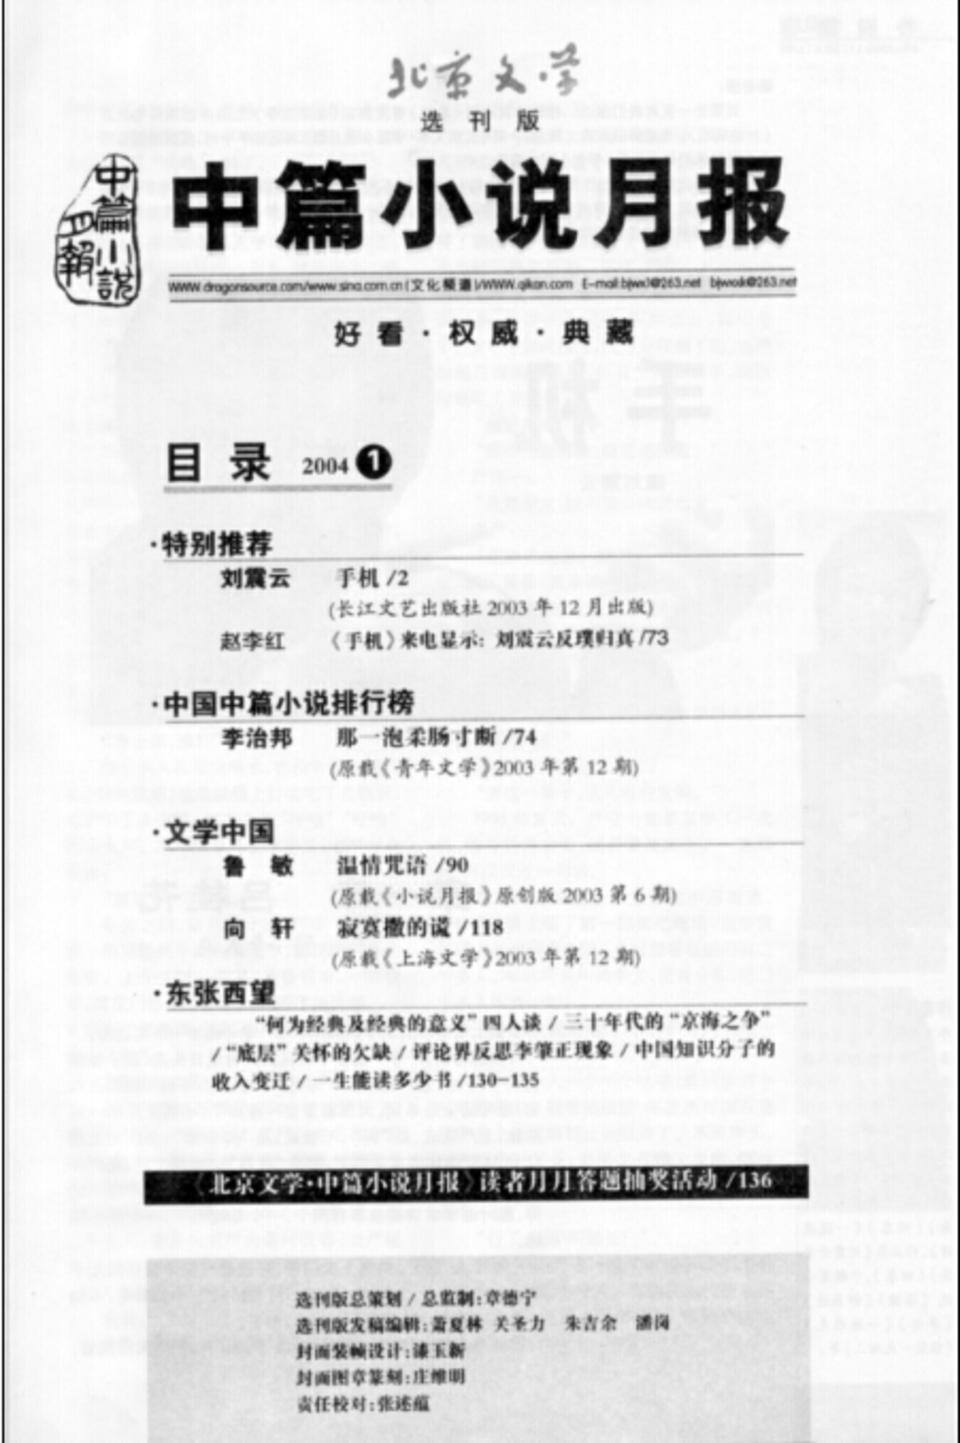 """《北京文学・中篇小说月报》创刊号封面 2003年北京文学月刊社正式创办《北京文学・中篇小说月报》,""""撷千种书刊精华,创独家选刊气象""""; """"好看、权威、典藏""""的办刊宗旨也被旗帜鲜明地提出来。"""